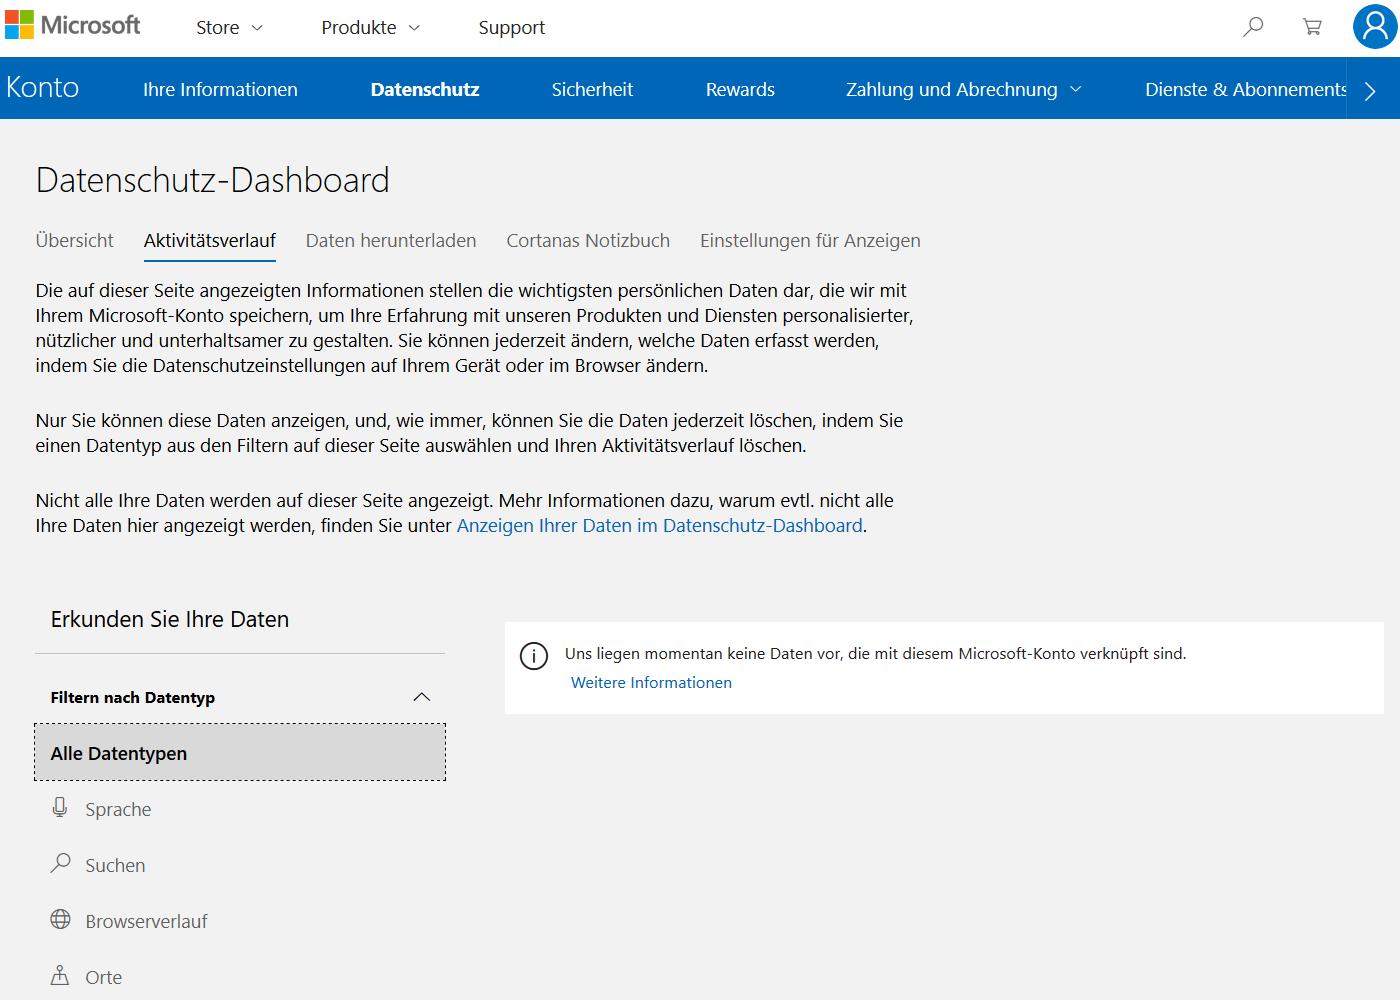 Über das Datenschutz-Dashboard können Windows-Nutzer ihren Aktivitätsverlauf einsehen und löschen.